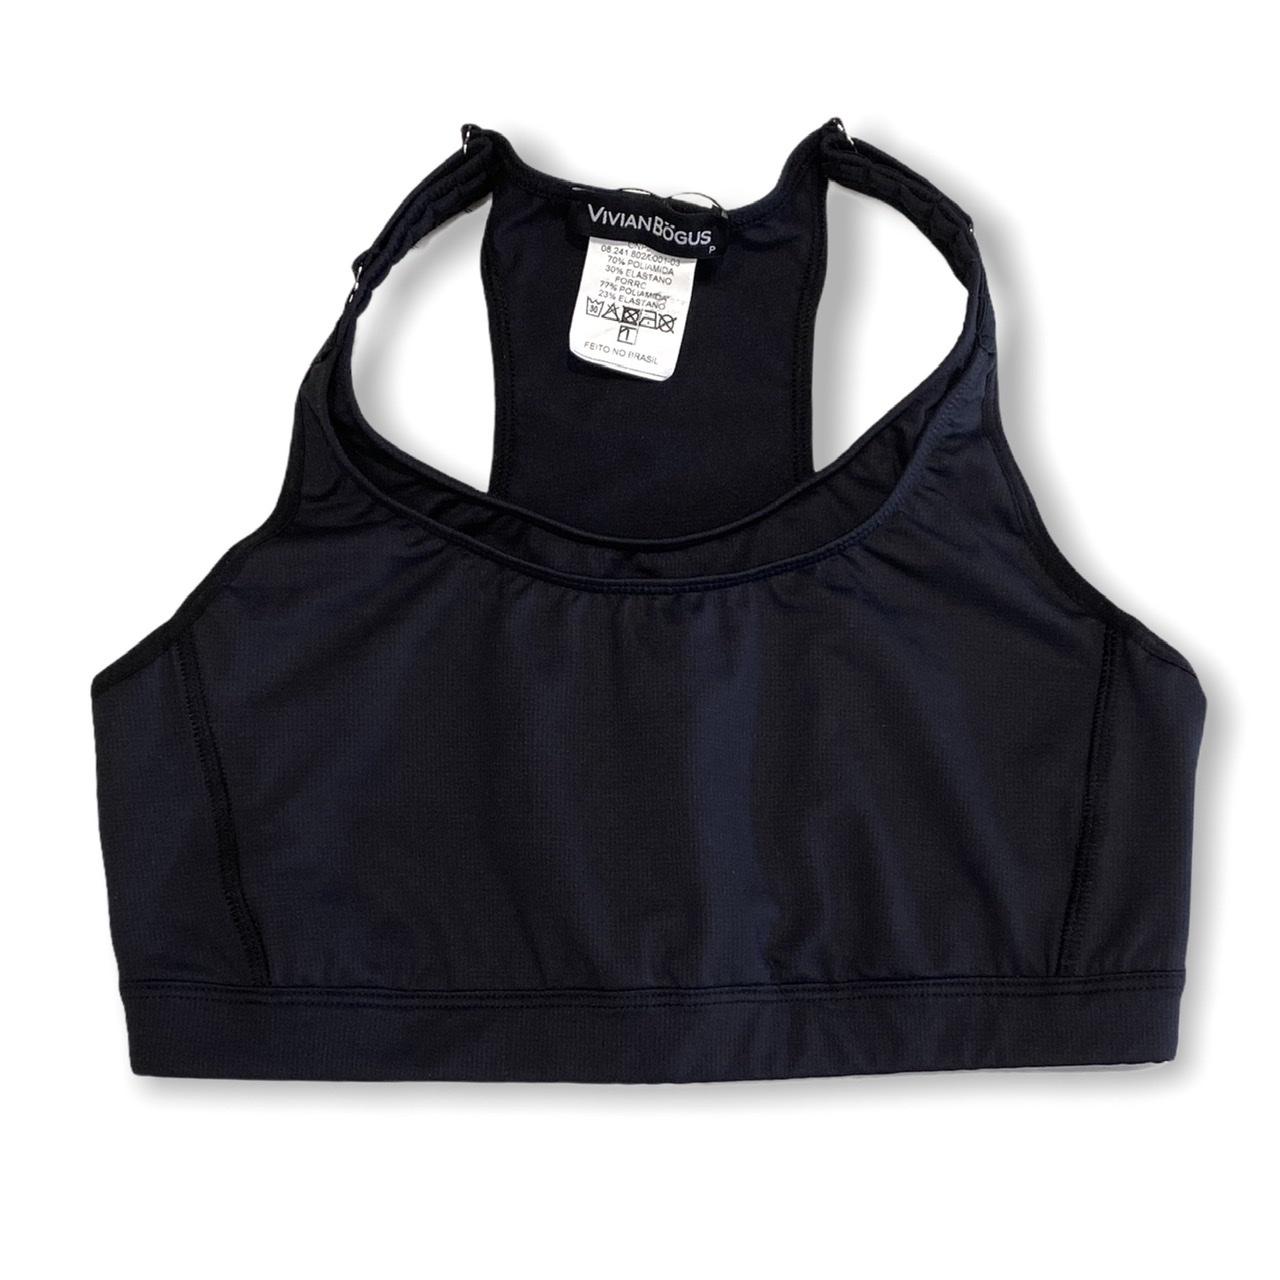 Top mil bolsos de compressão ajustável com bolsos frente e costas preto  - Vivian Bógus